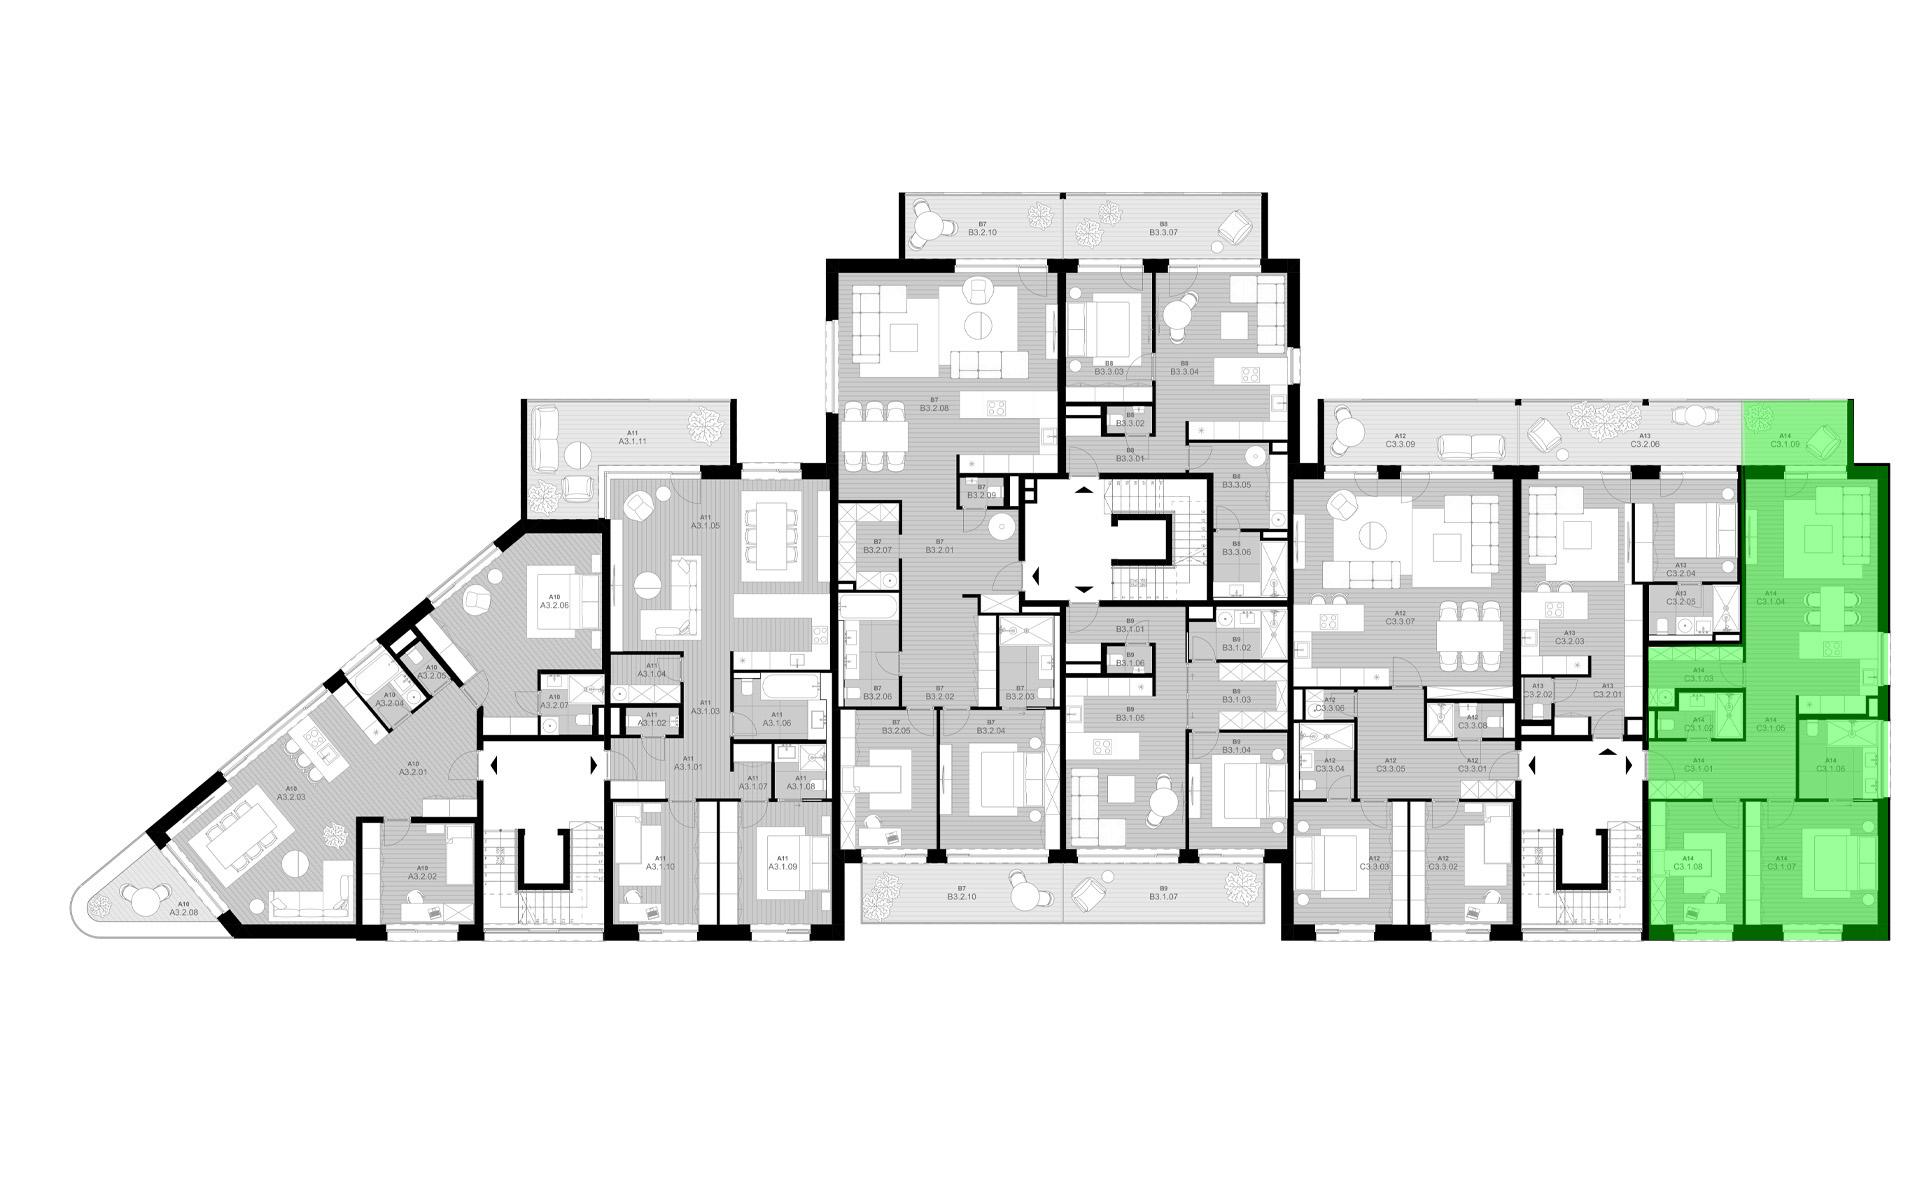 rezidencia K Železnej Studienke - pôdorys so zvýraznením apartmánu C3.1